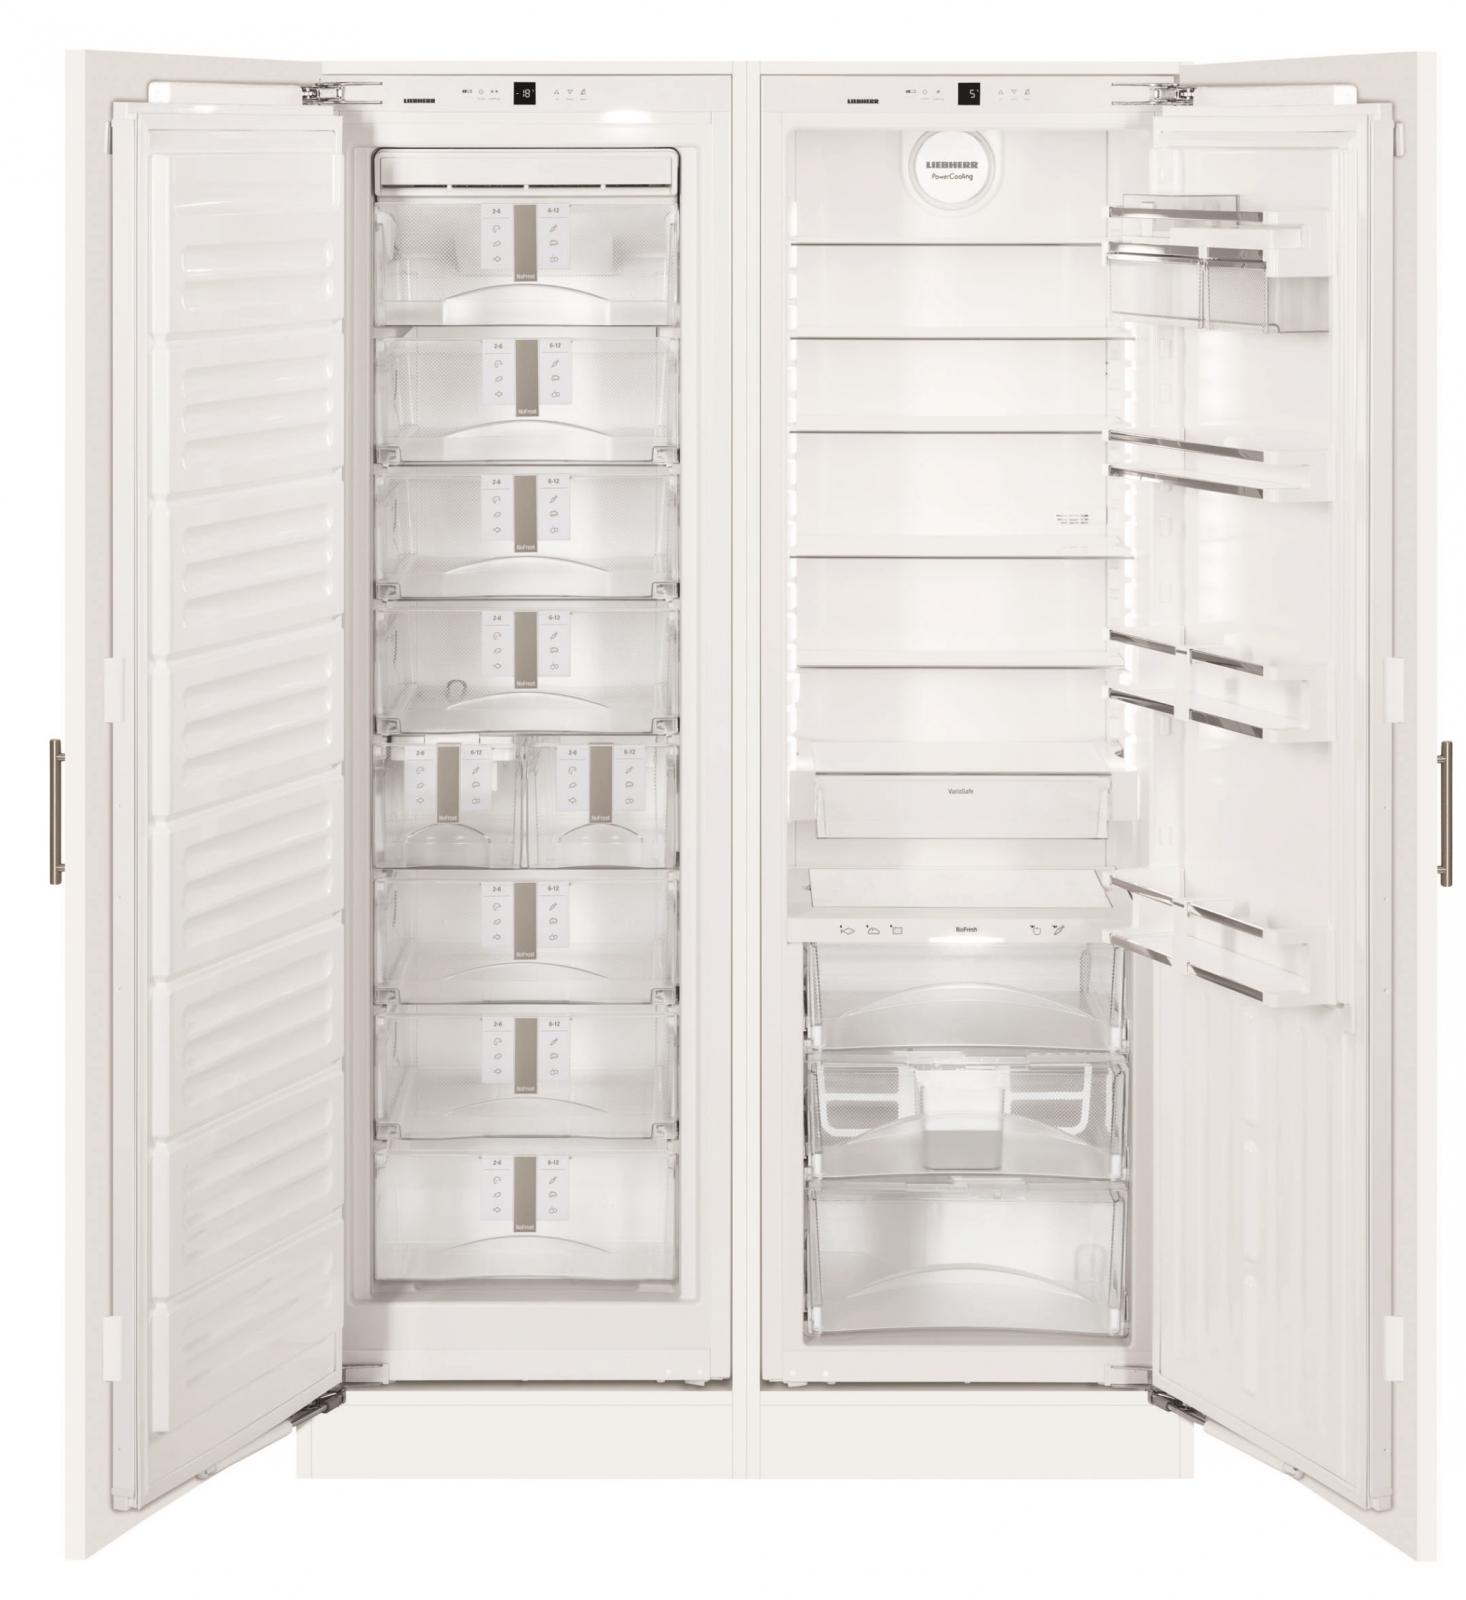 купить Встраиваемый холодильник Side-by-Side Liebherr SBS 70I4 22 003 Украина фото 2